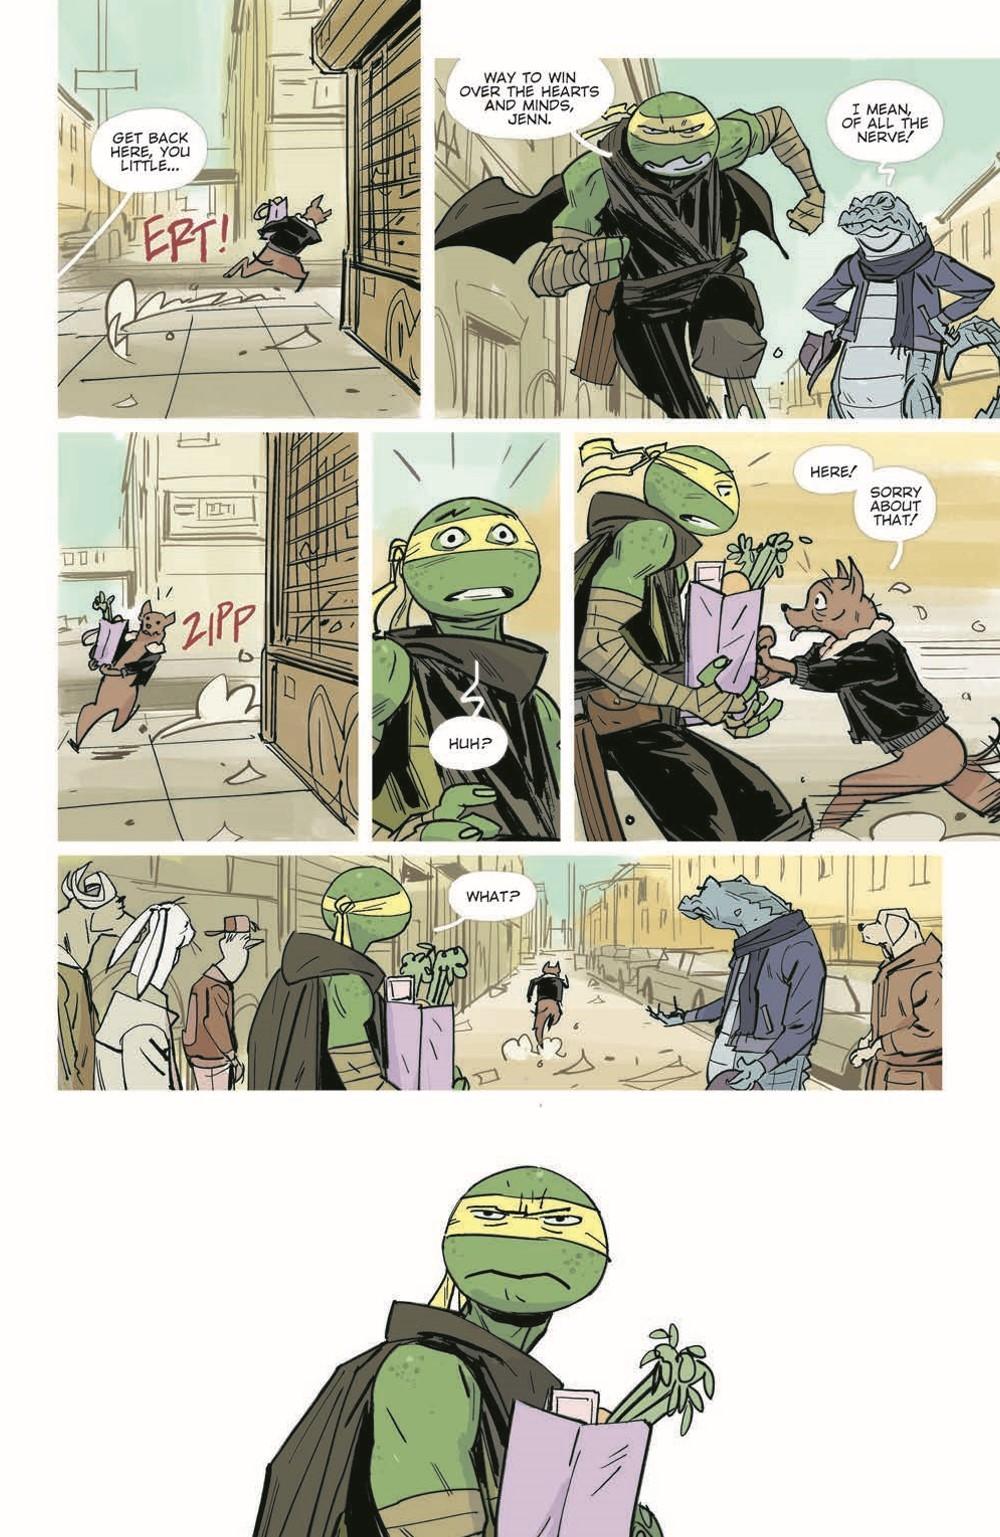 TMNT-Jennika02_pr-8 ComicList Previews: TEENAGE MUTANT NINJA TURTLES JENNIKA II TP